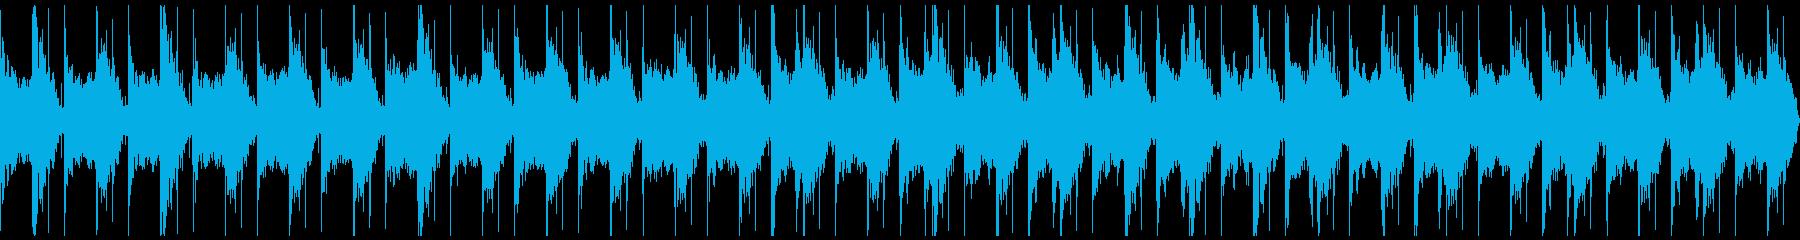 不気味で緊張感・緊迫感のあるBGMの再生済みの波形